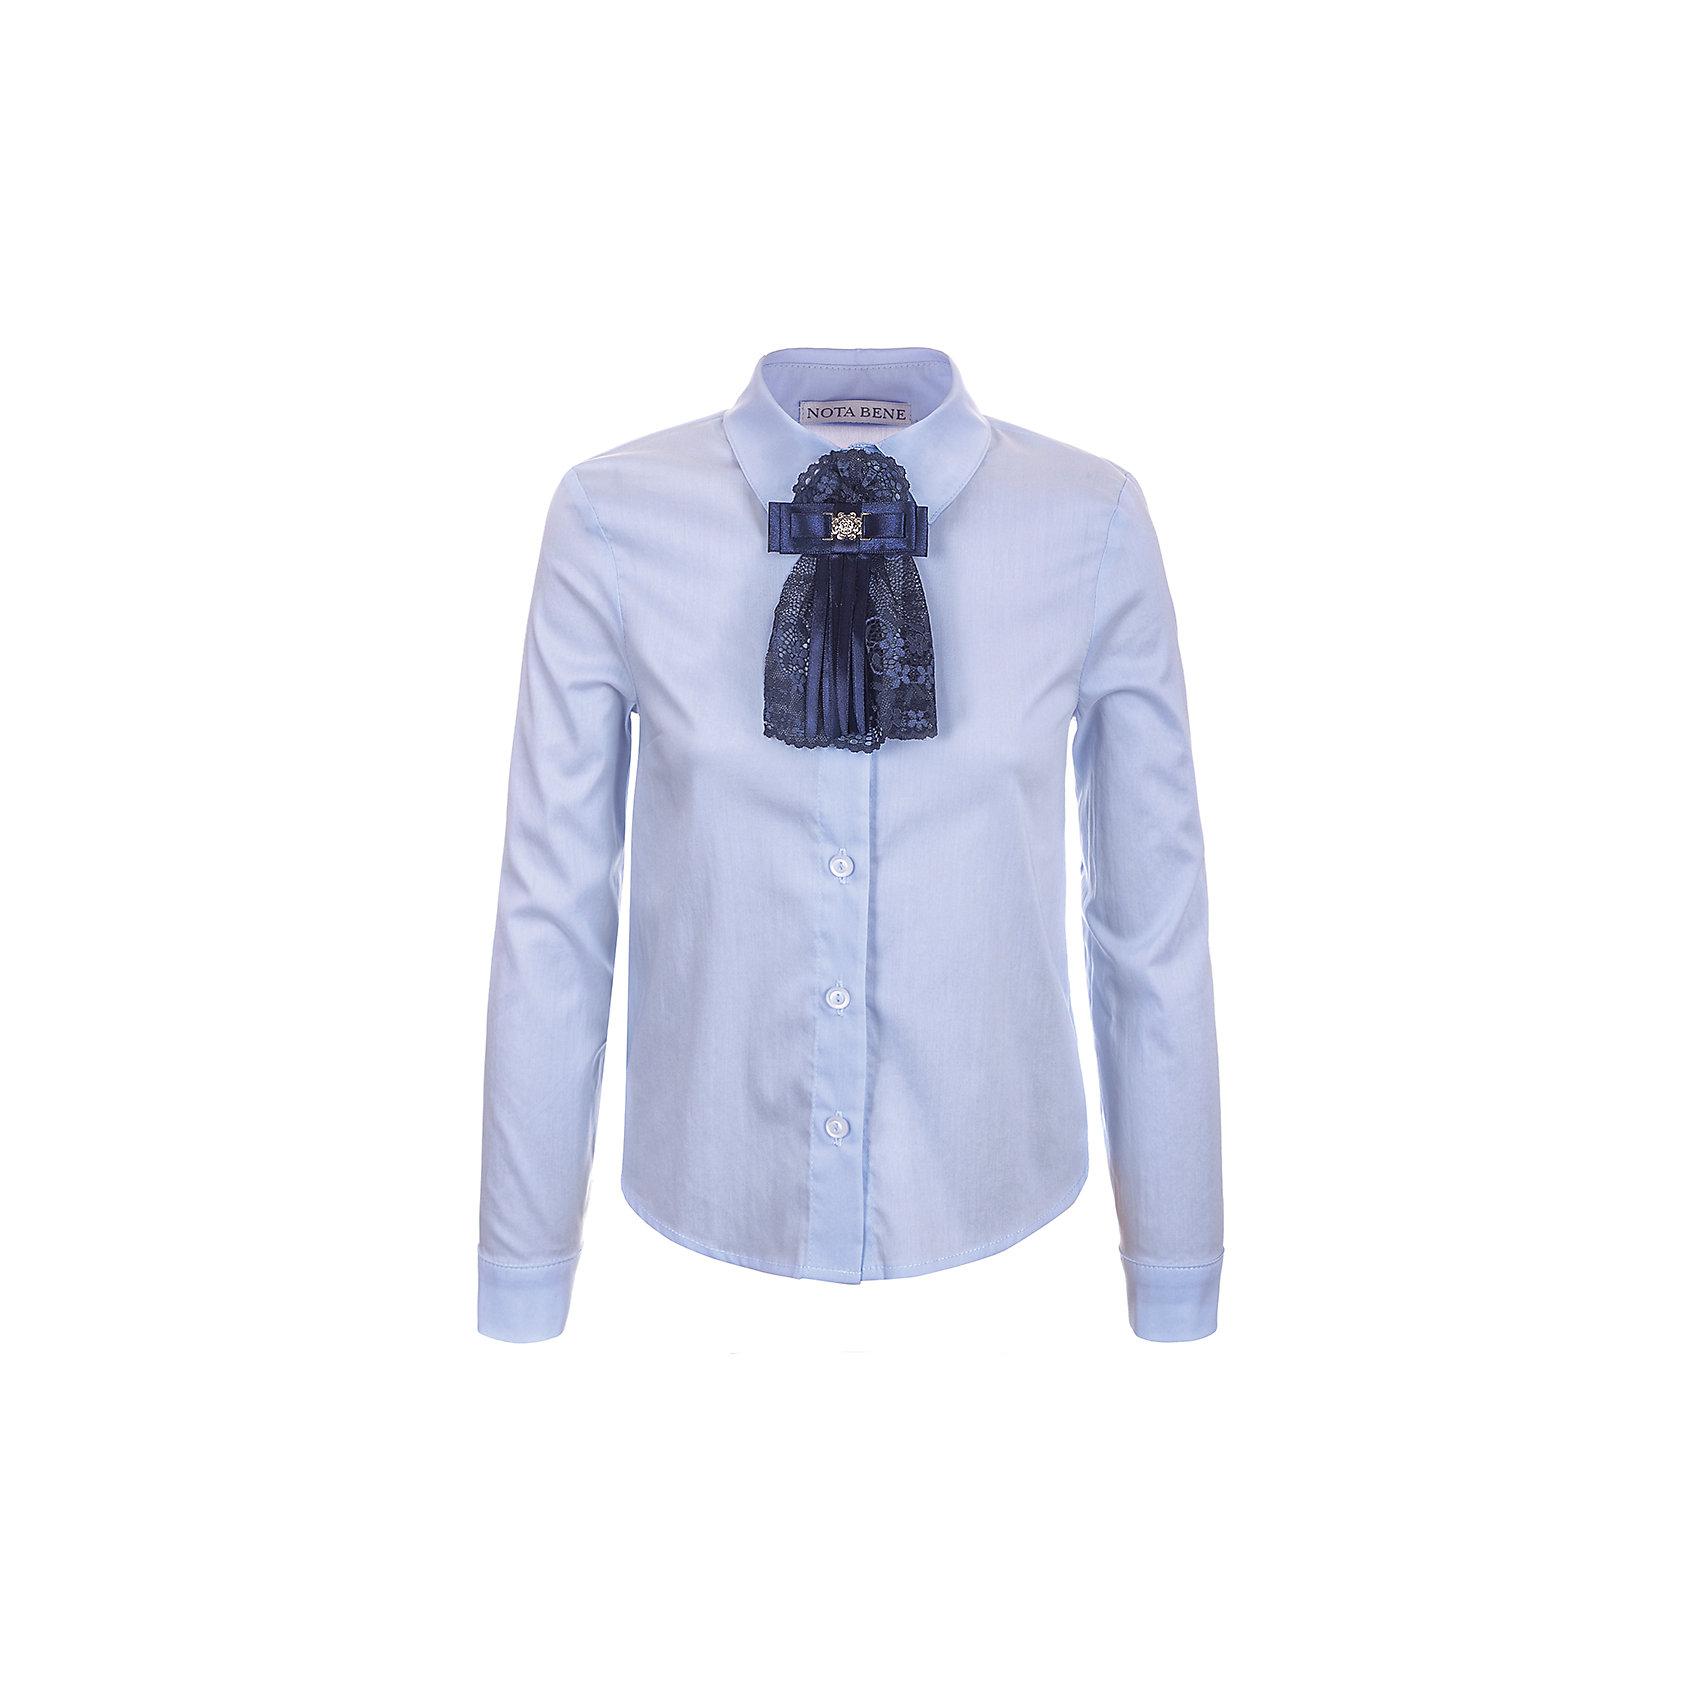 Блузка Nota Bene для девочкиБлузки и рубашки<br>Блузка с длинными рукавами. С рубашечным воротником со стойкой<br>и с цельнокроенной застежкой на пуговицы.<br>Декор текстильный пристегивающийся на булавку<br>Соответствует размеру.<br>Рекомендована предварительная стирка.<br>Состав:<br>65% хлопок; 35% полиэстер<br><br>Ширина мм: 186<br>Глубина мм: 87<br>Высота мм: 198<br>Вес г: 197<br>Цвет: голубой<br>Возраст от месяцев: 108<br>Возраст до месяцев: 120<br>Пол: Женский<br>Возраст: Детский<br>Размер: 140,122,128<br>SKU: 7012250